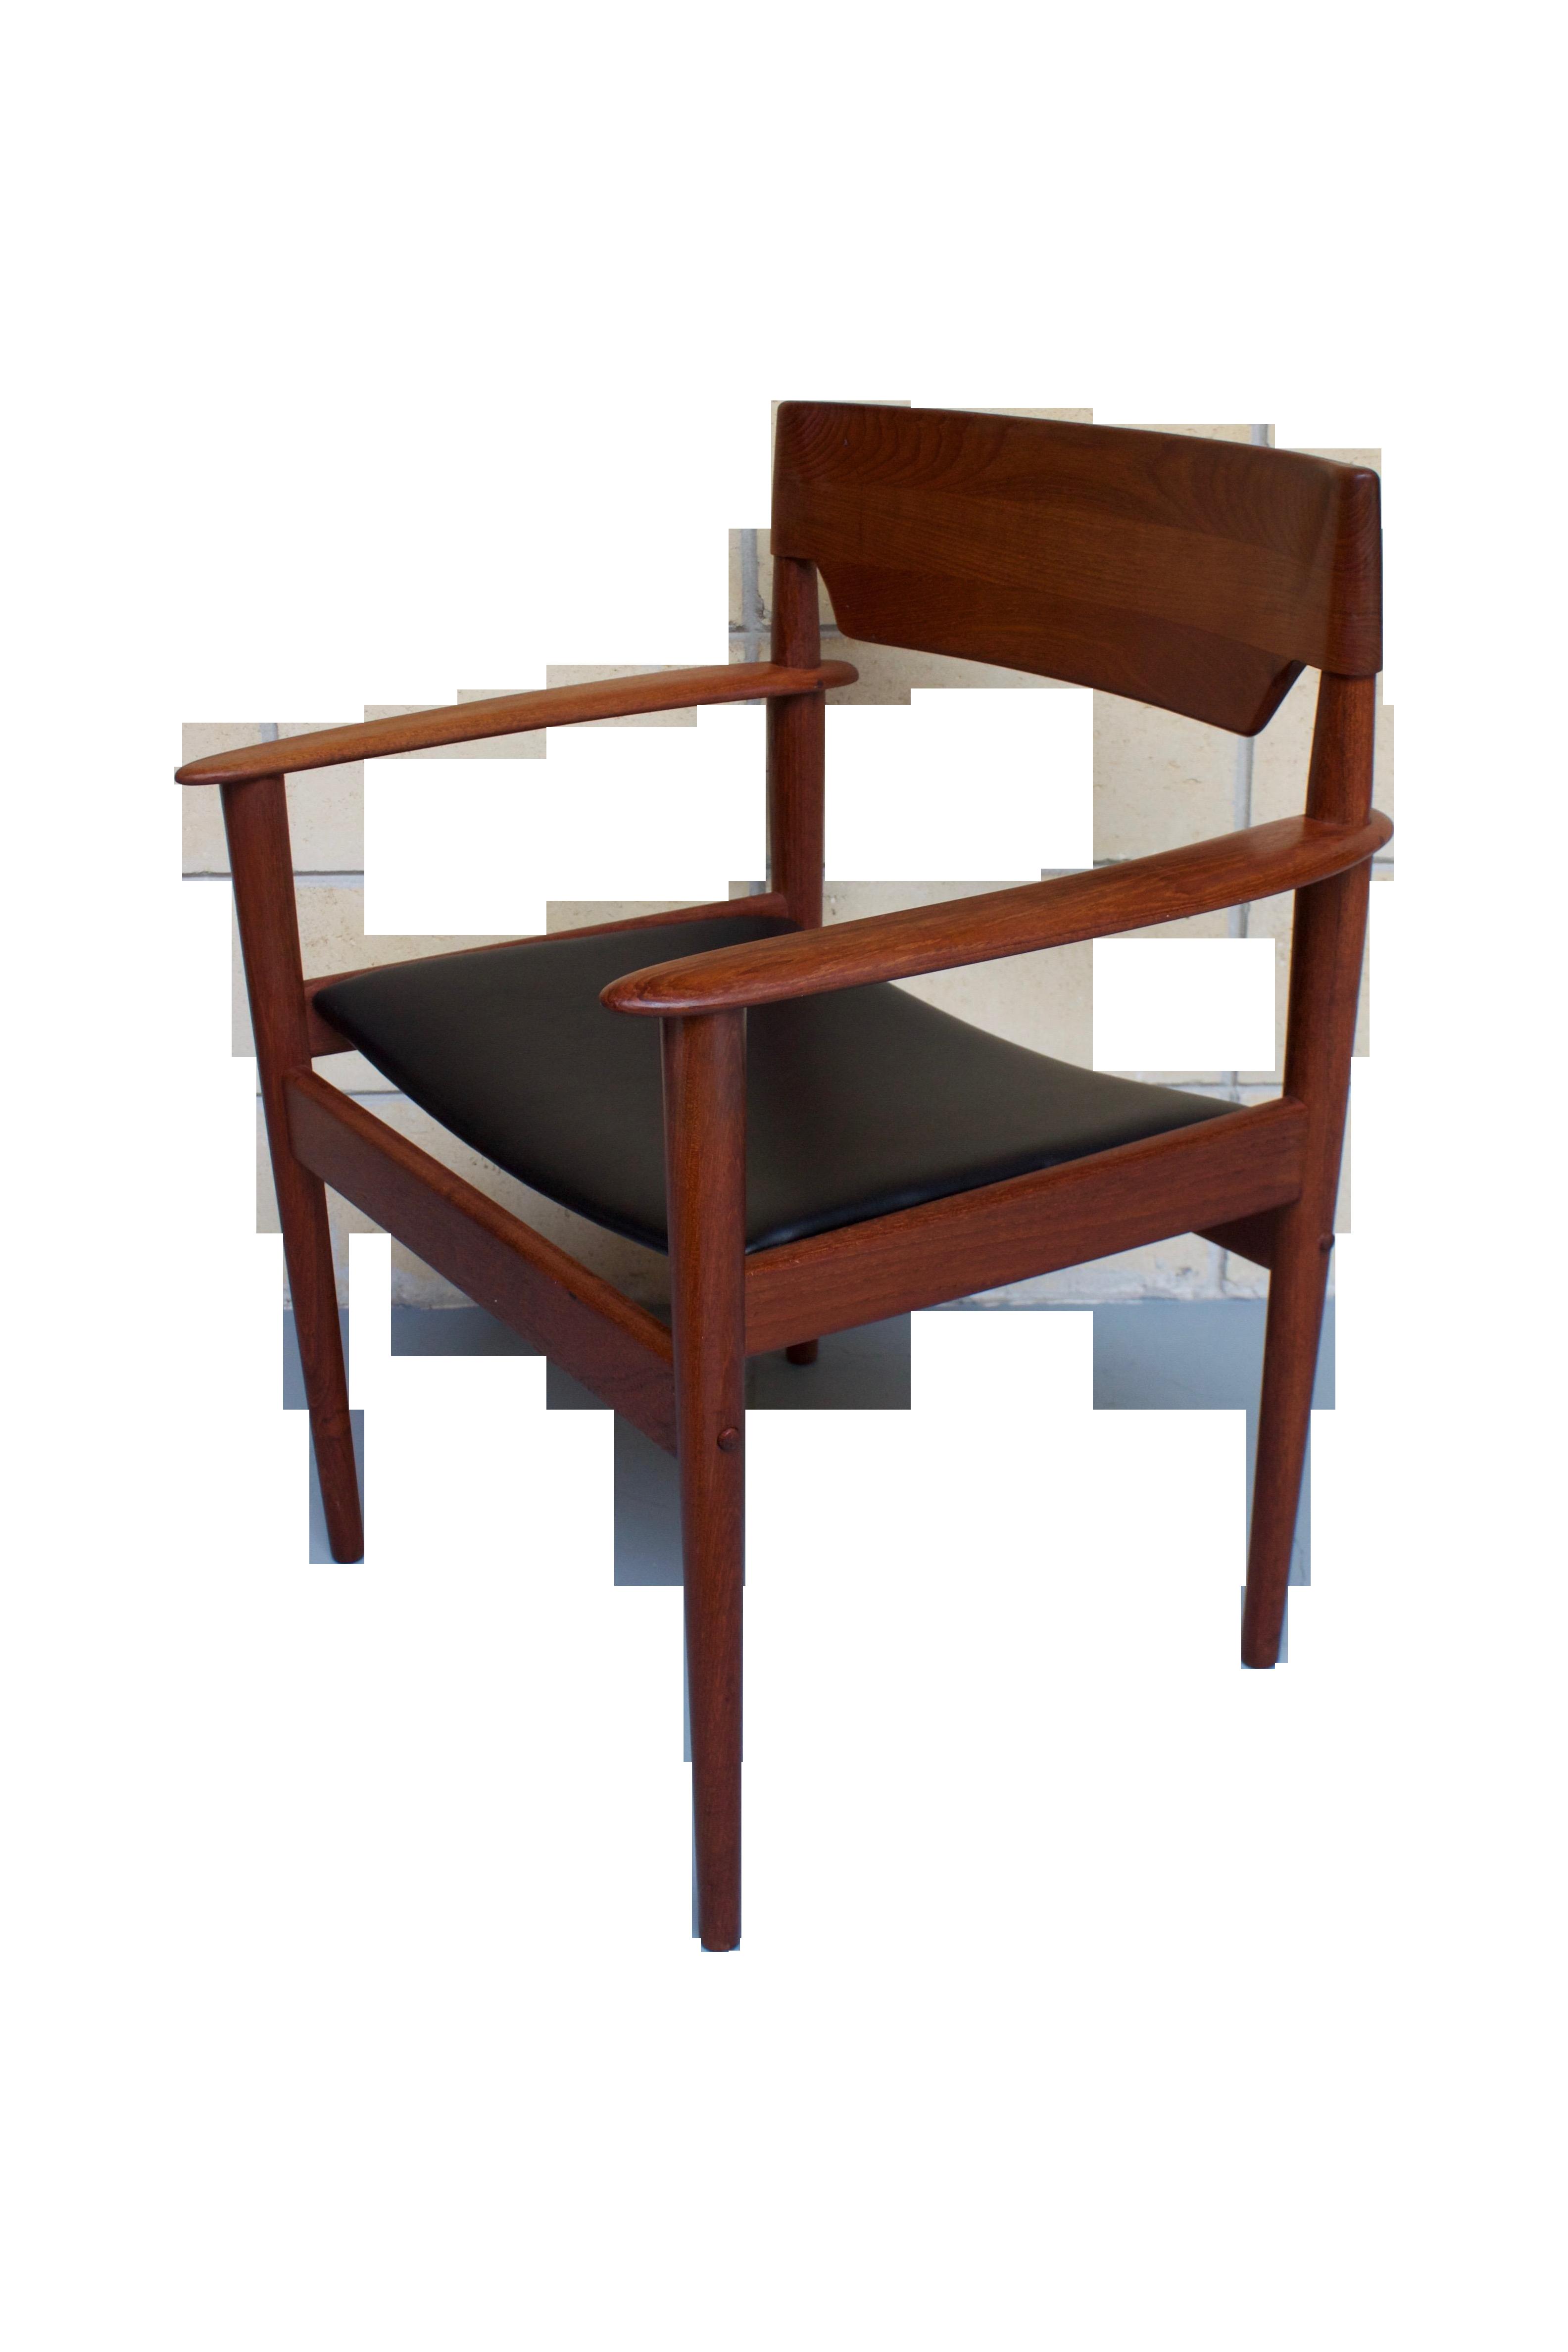 Grete jalk pj 4 2 p jeppesen danish chair chairish for P jeppesen furniture